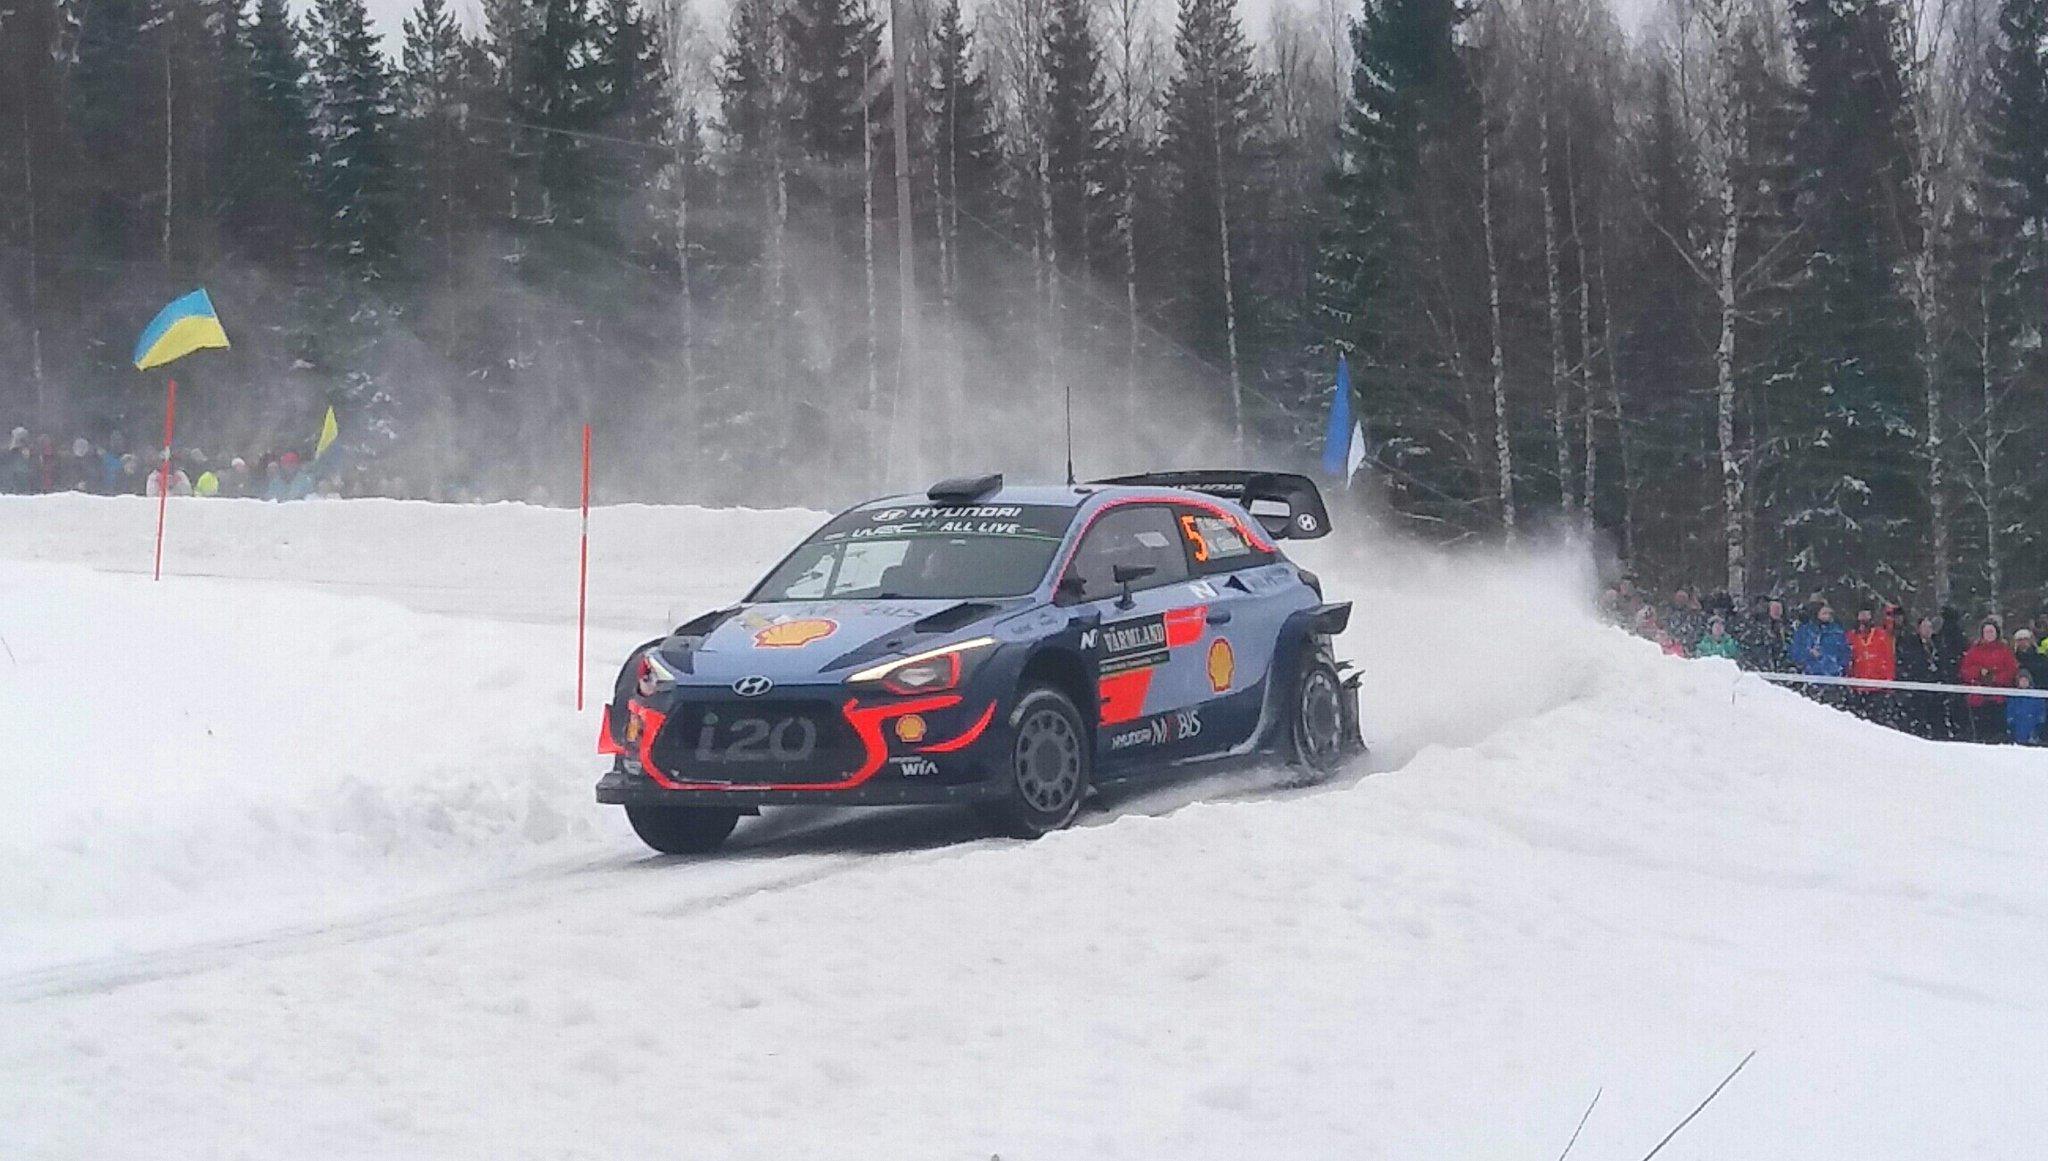 http://www.autosport.bg/wp-content/uploads/2018/02/DWOcNQNW4AAMw2Y.jpg